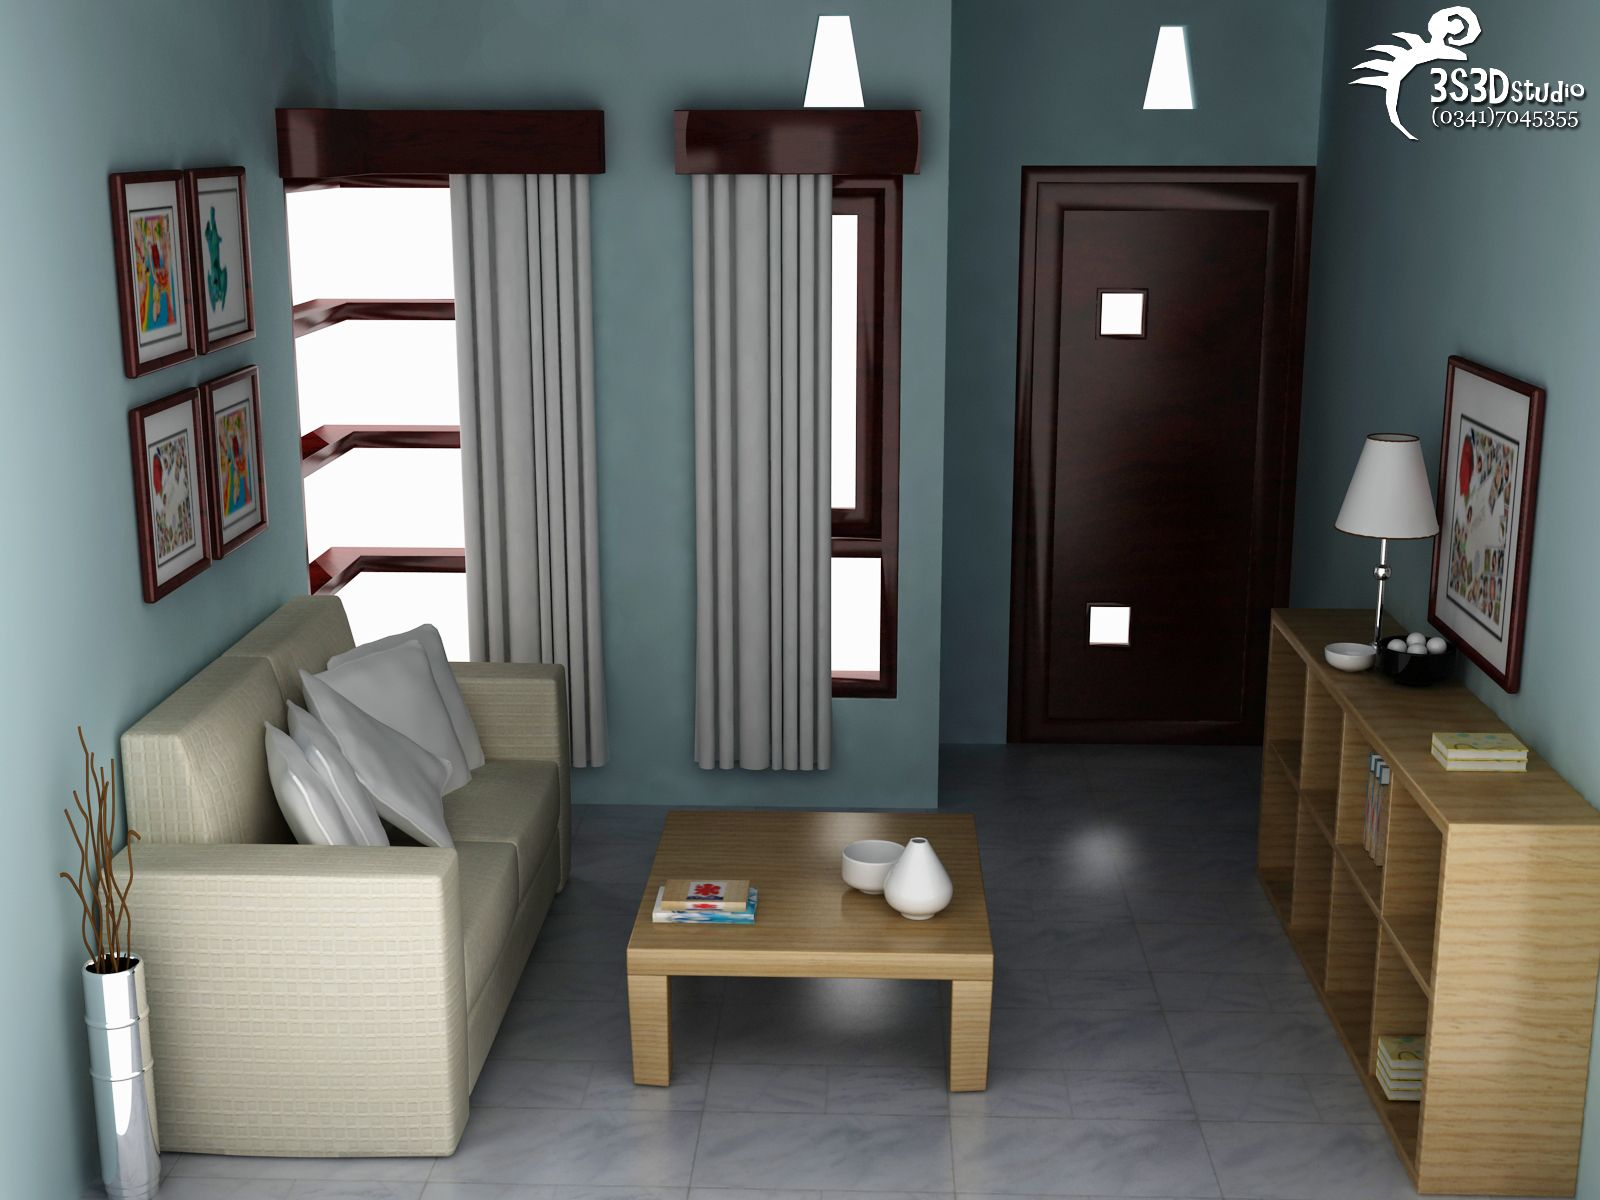 Interior Rumah Minimalis Sofa Ruang Tamu Desain interior